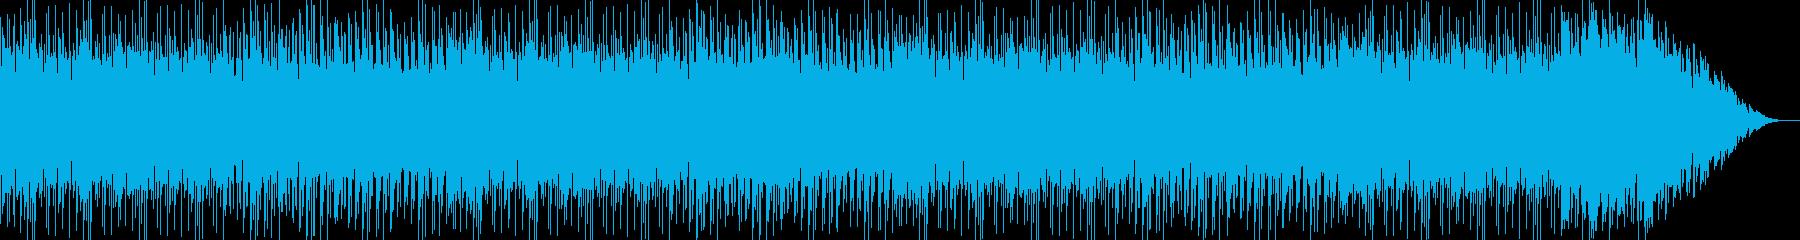 夏&バカンスの海を連想させるBGMの再生済みの波形